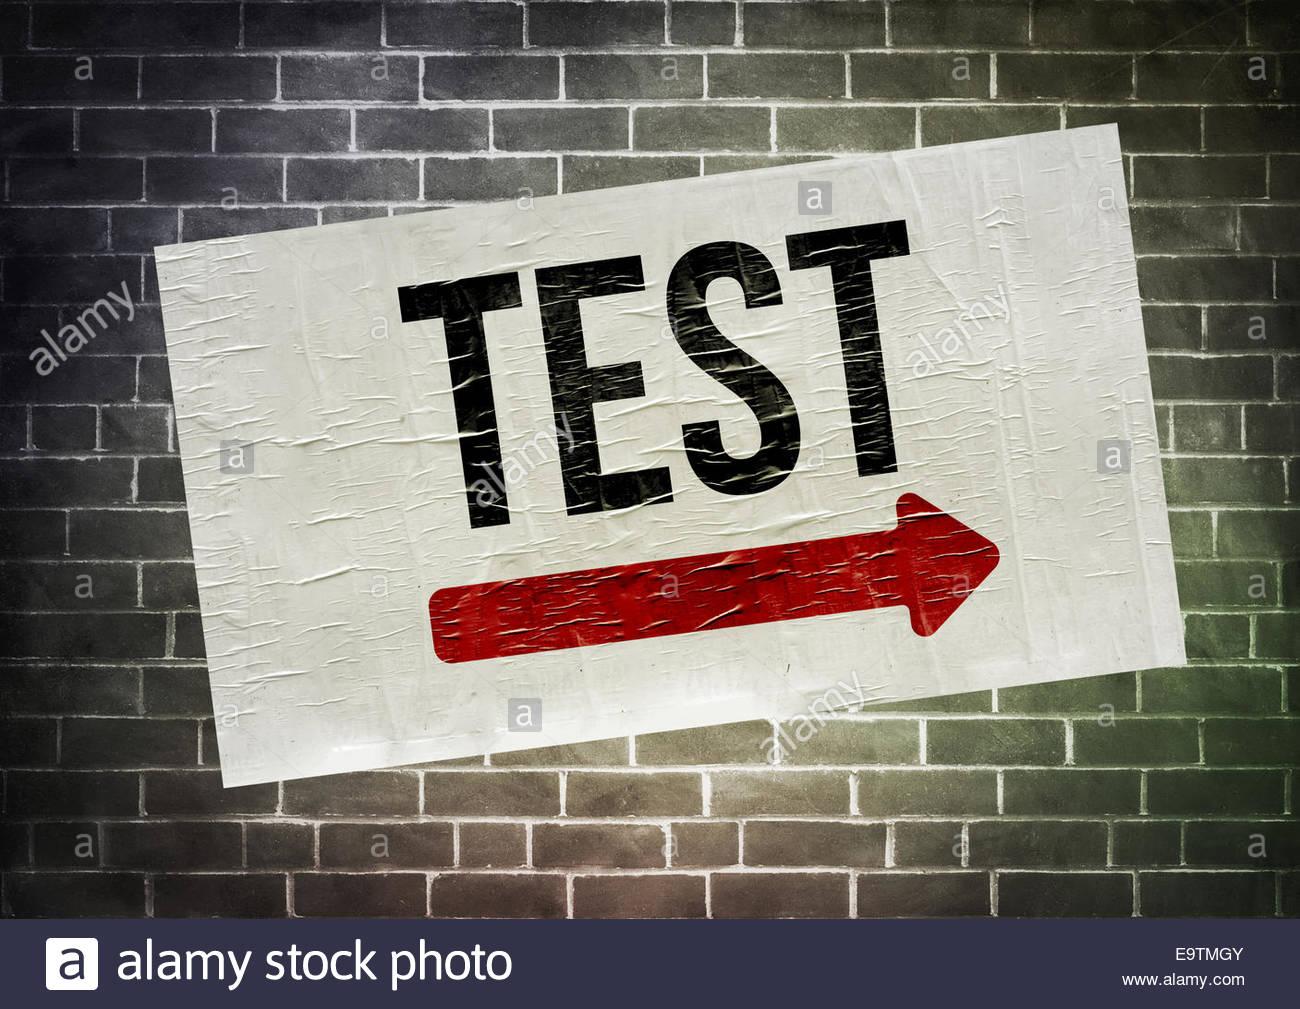 TEST - Plakat-Konzept Stockbild